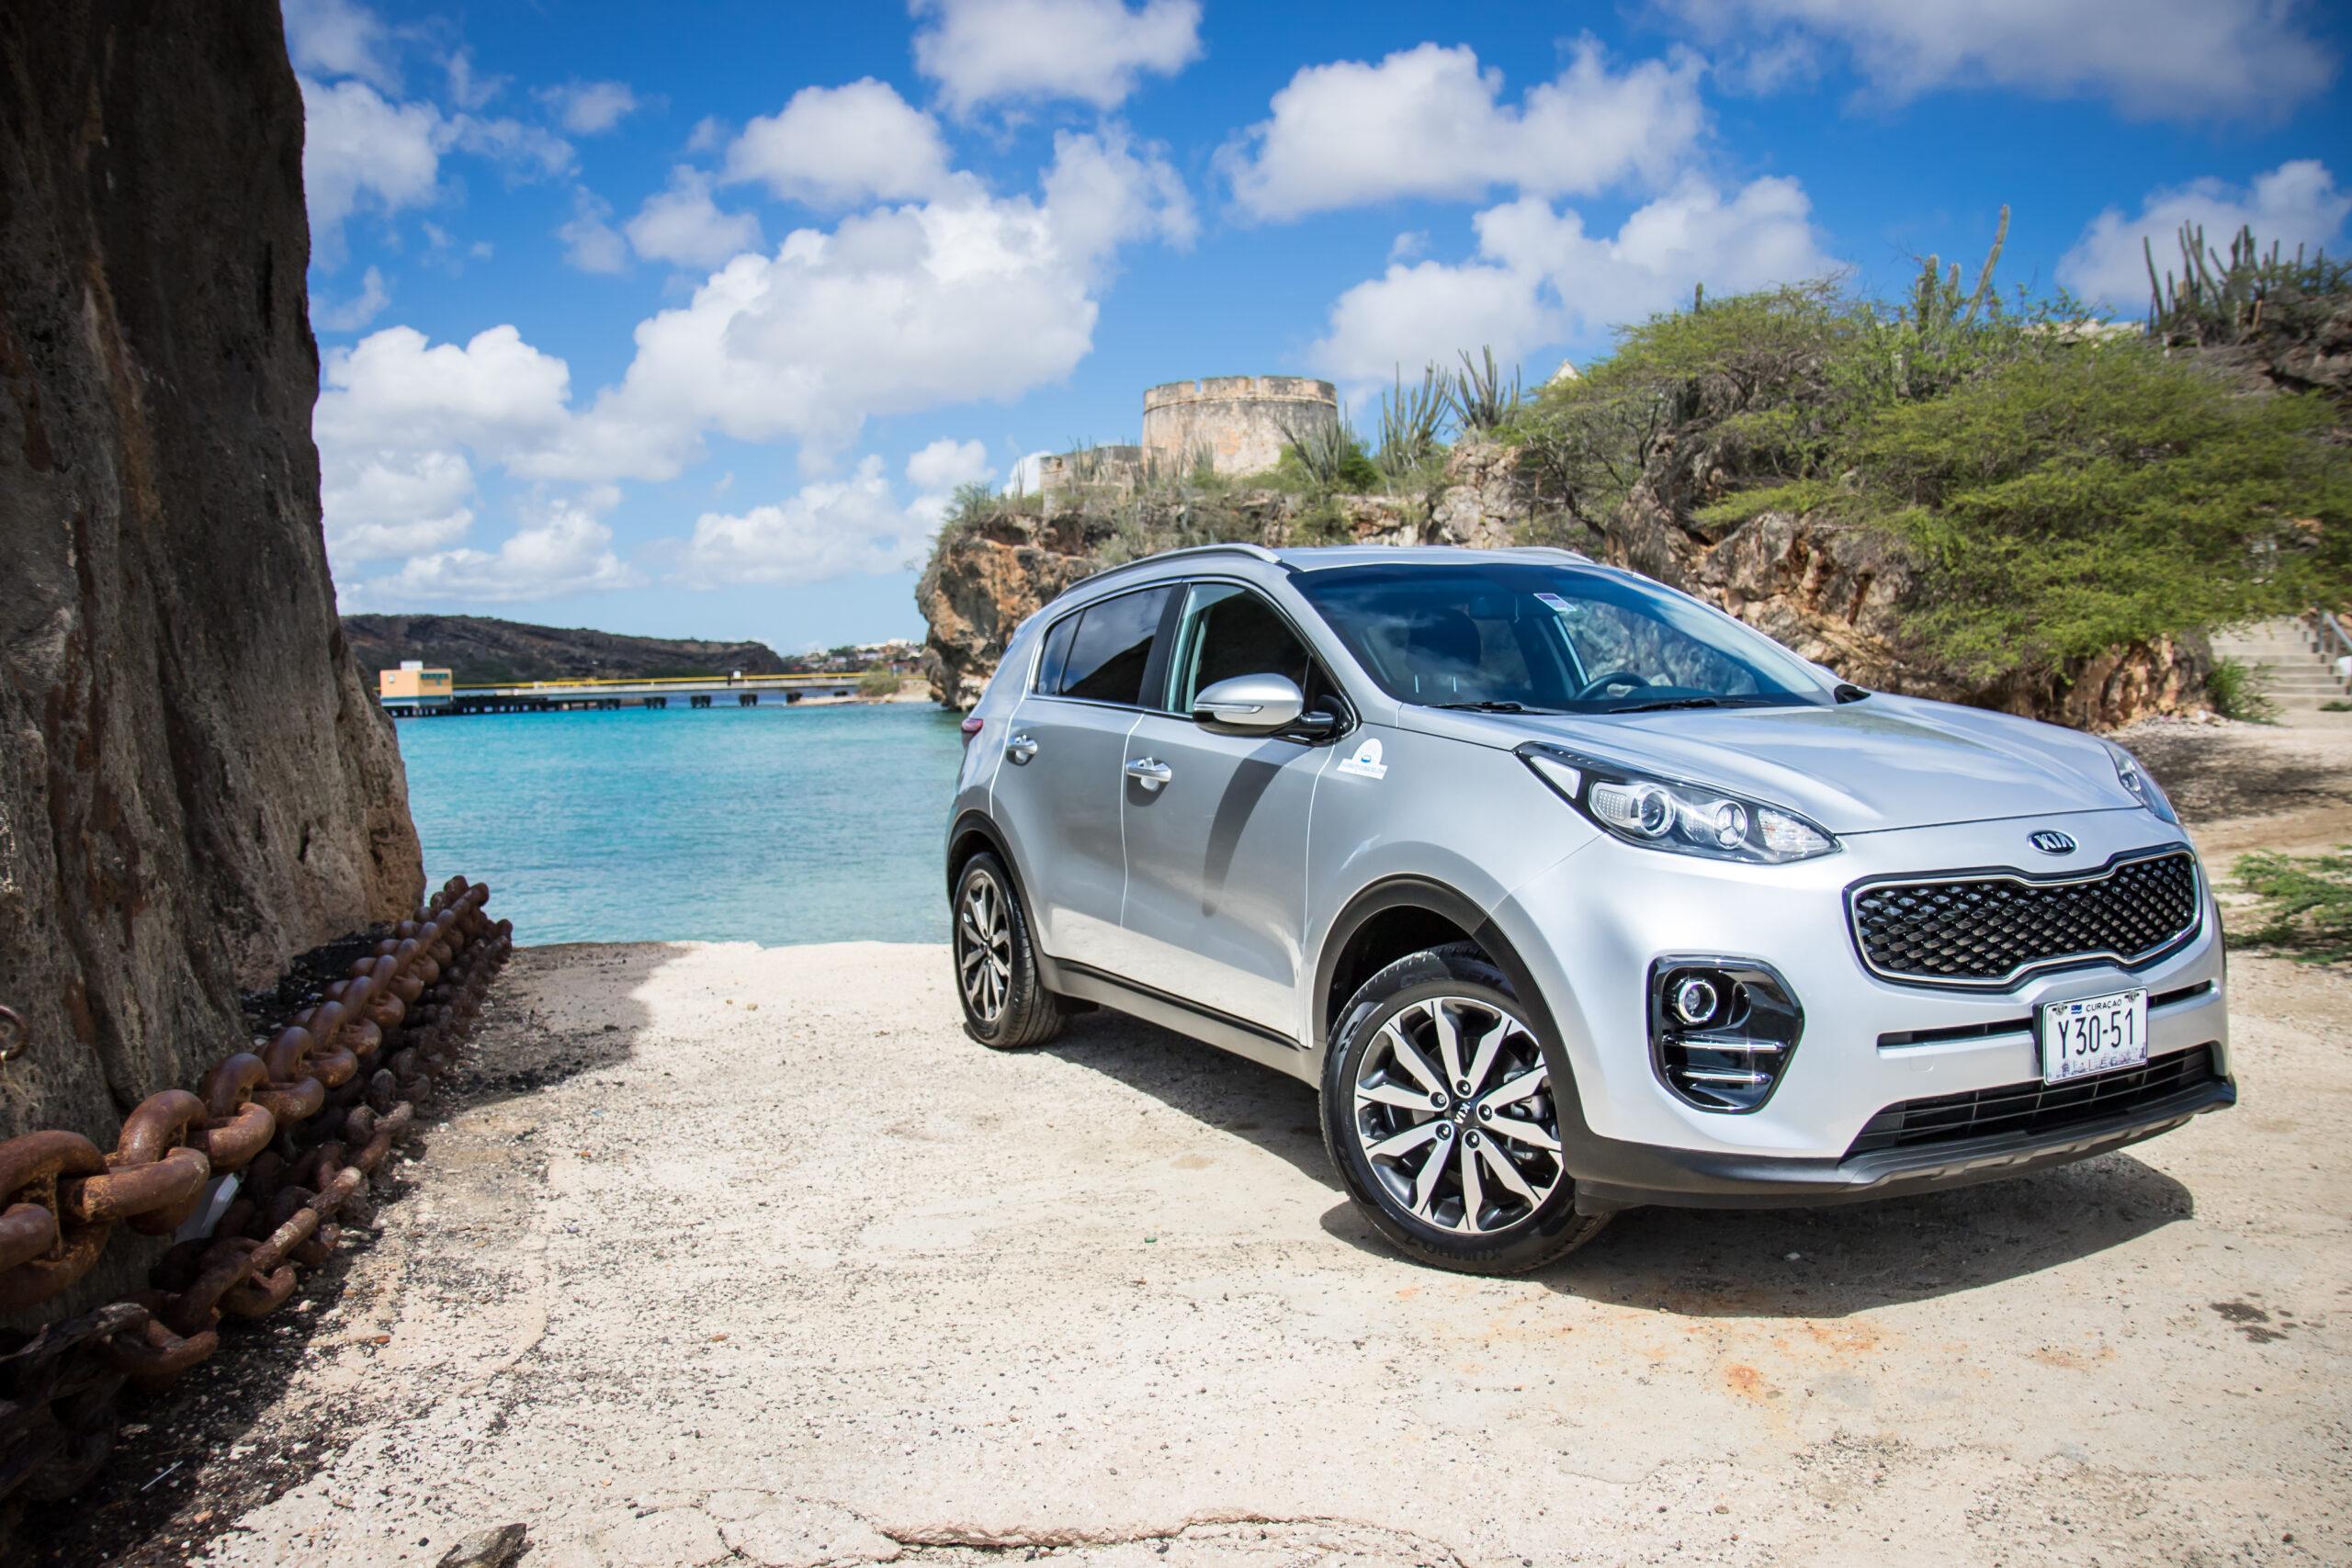 Goedkoop auto huren Curaçao